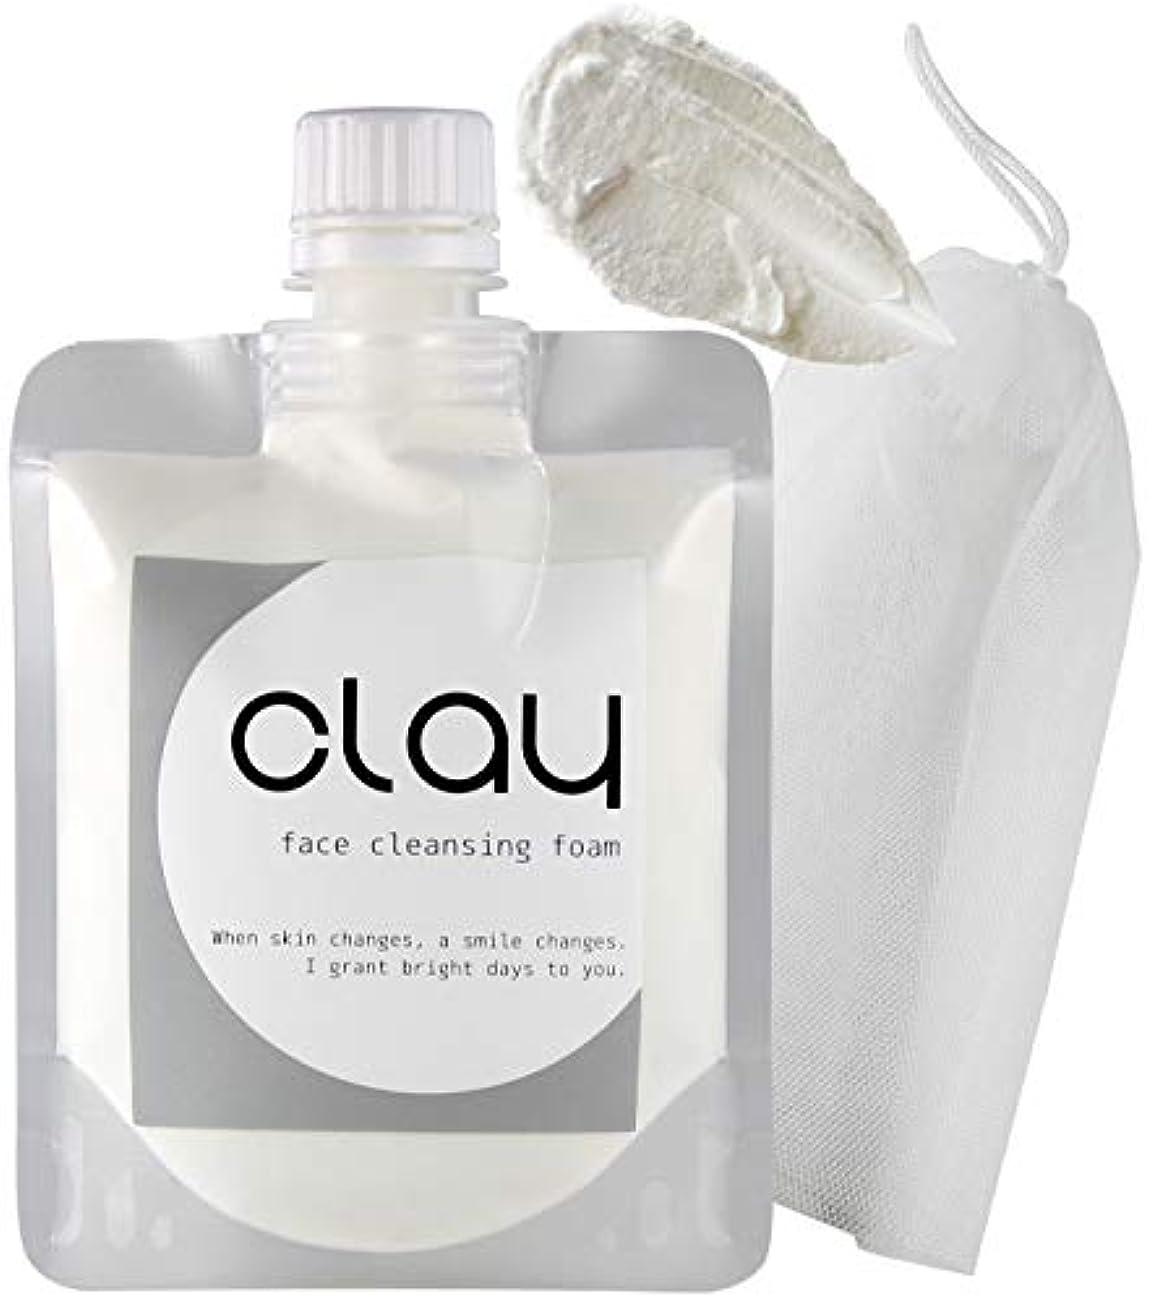 感情不名誉確立しますSTAR'S クレイ 泥 洗顔 オーガニック 【 毛穴 黒ずみ 開き ザラ付き 用】「 泡 ネット 付き」 40種類の植物エキス 16種類の美容成分 9つの無添加 透明感 柔肌 130g (Clay)